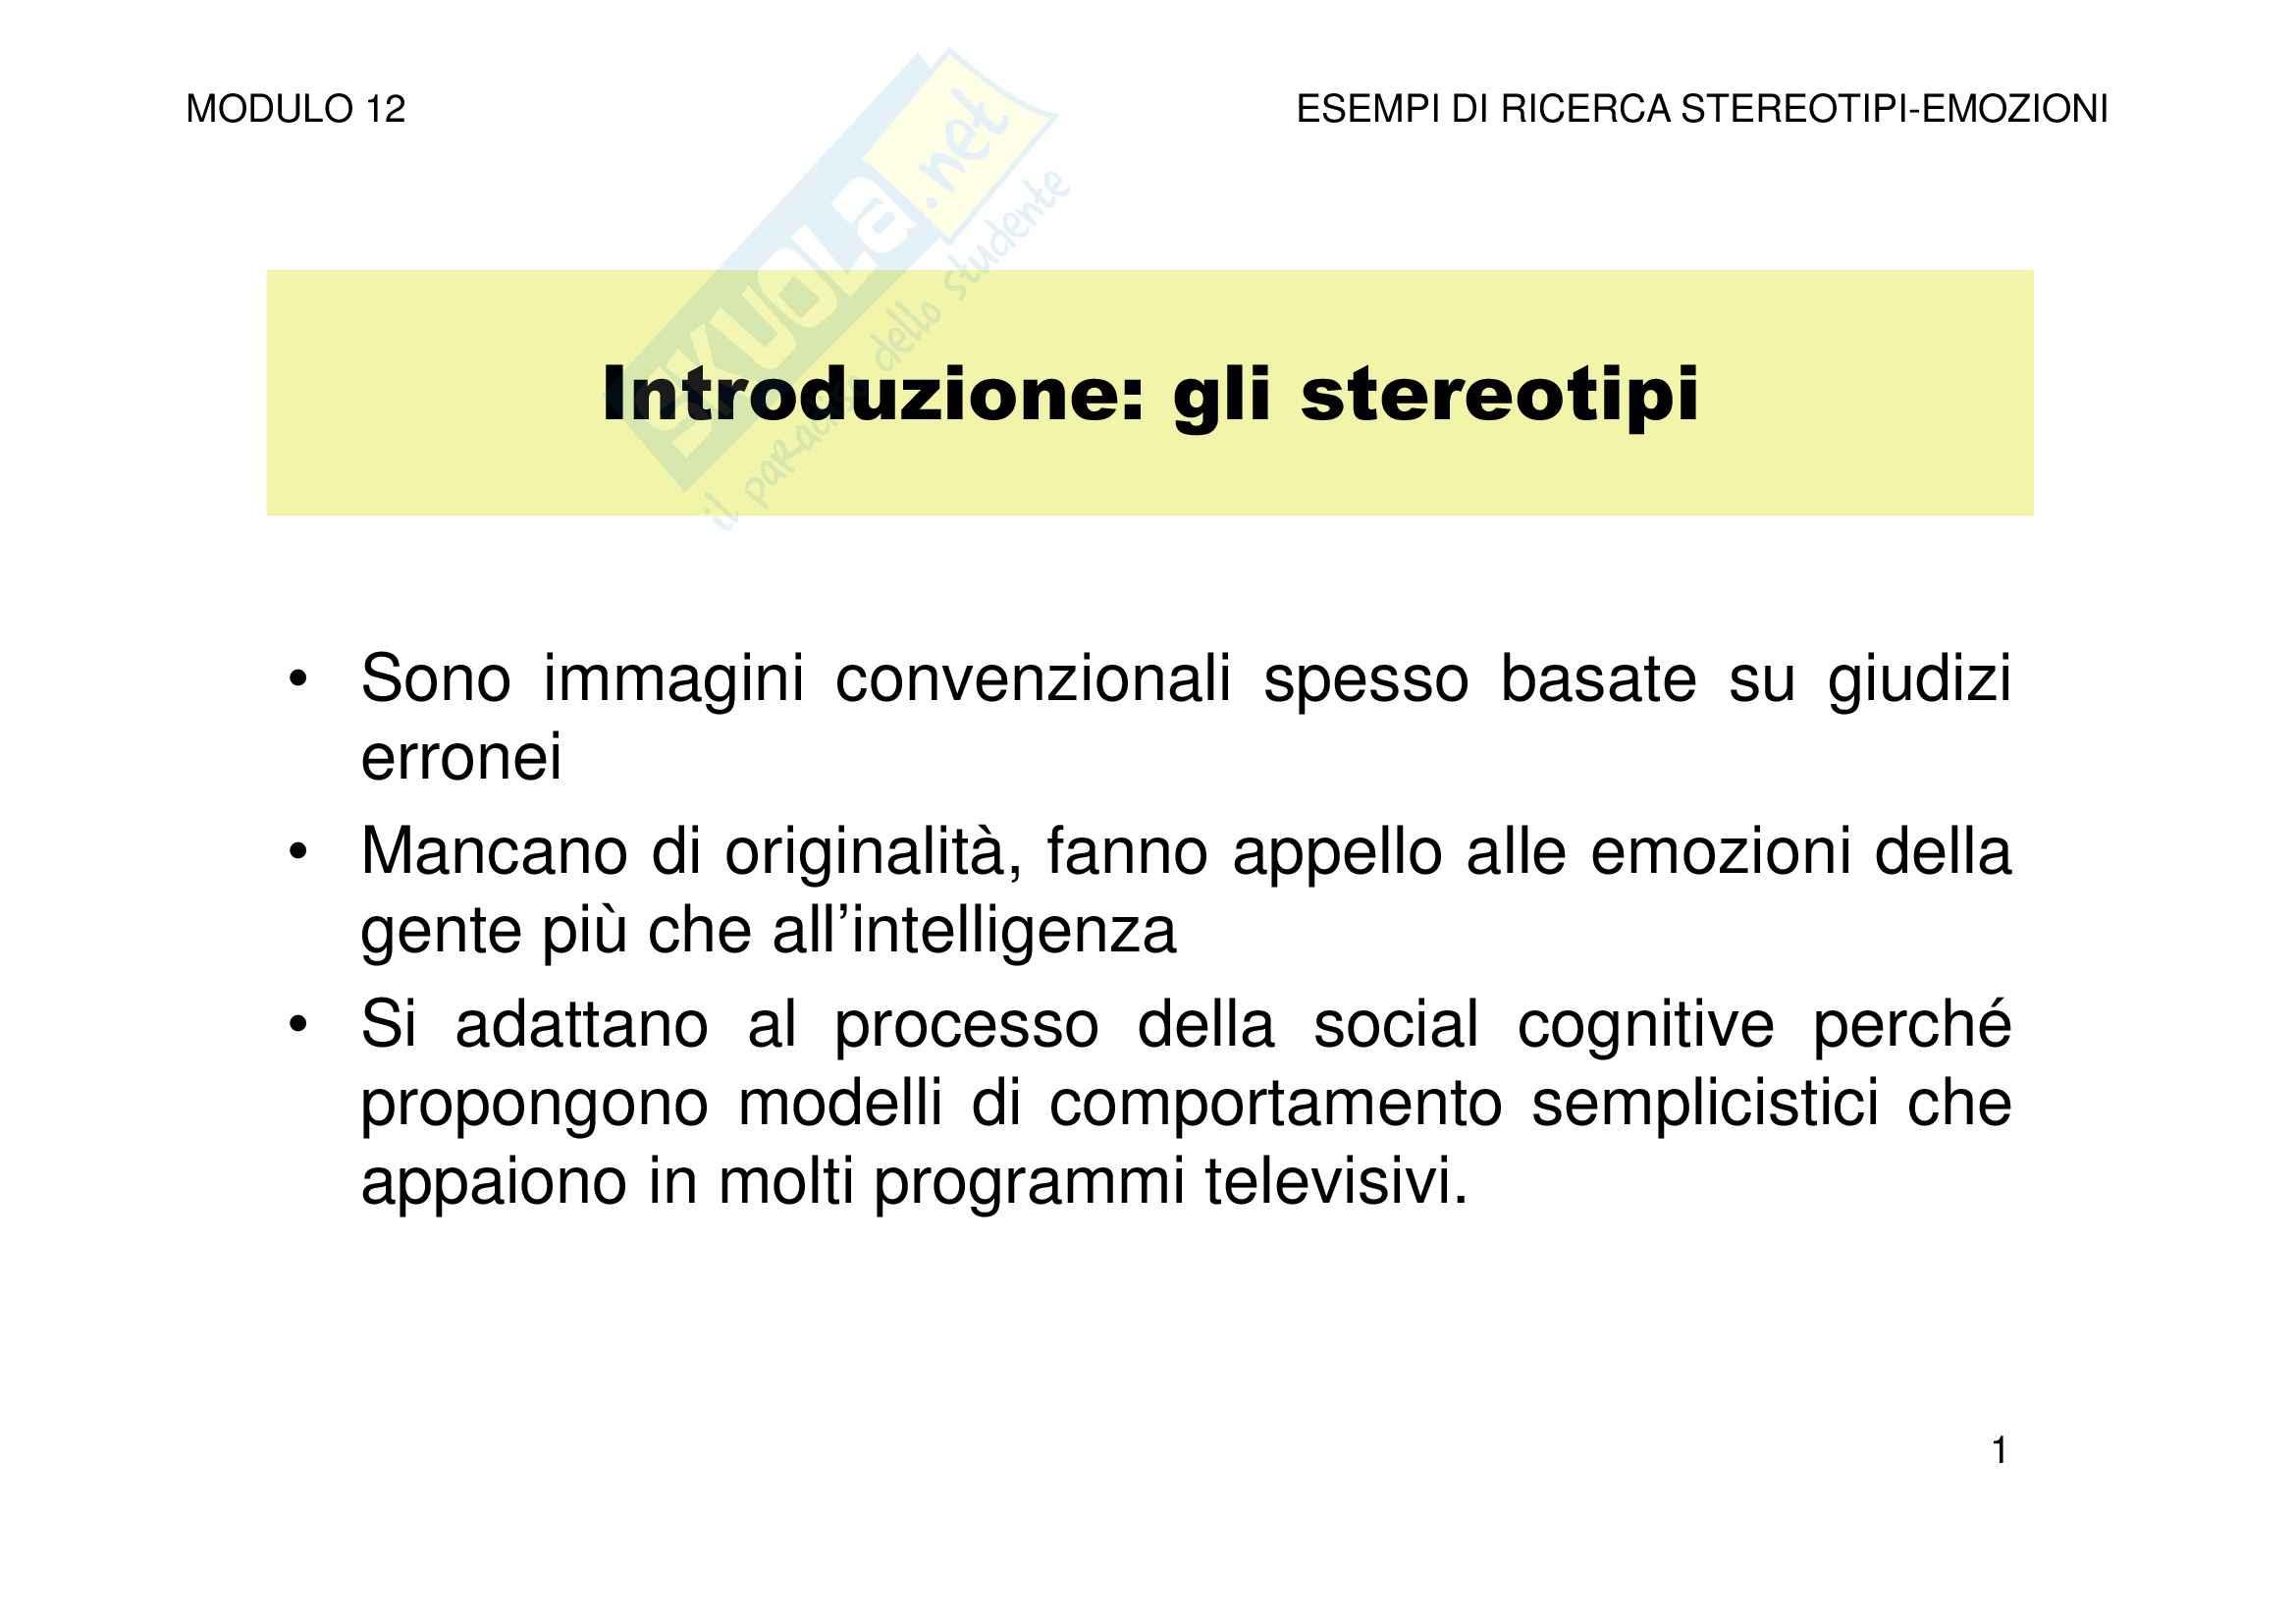 Esempi di ricerca - stereotipi-emozioni